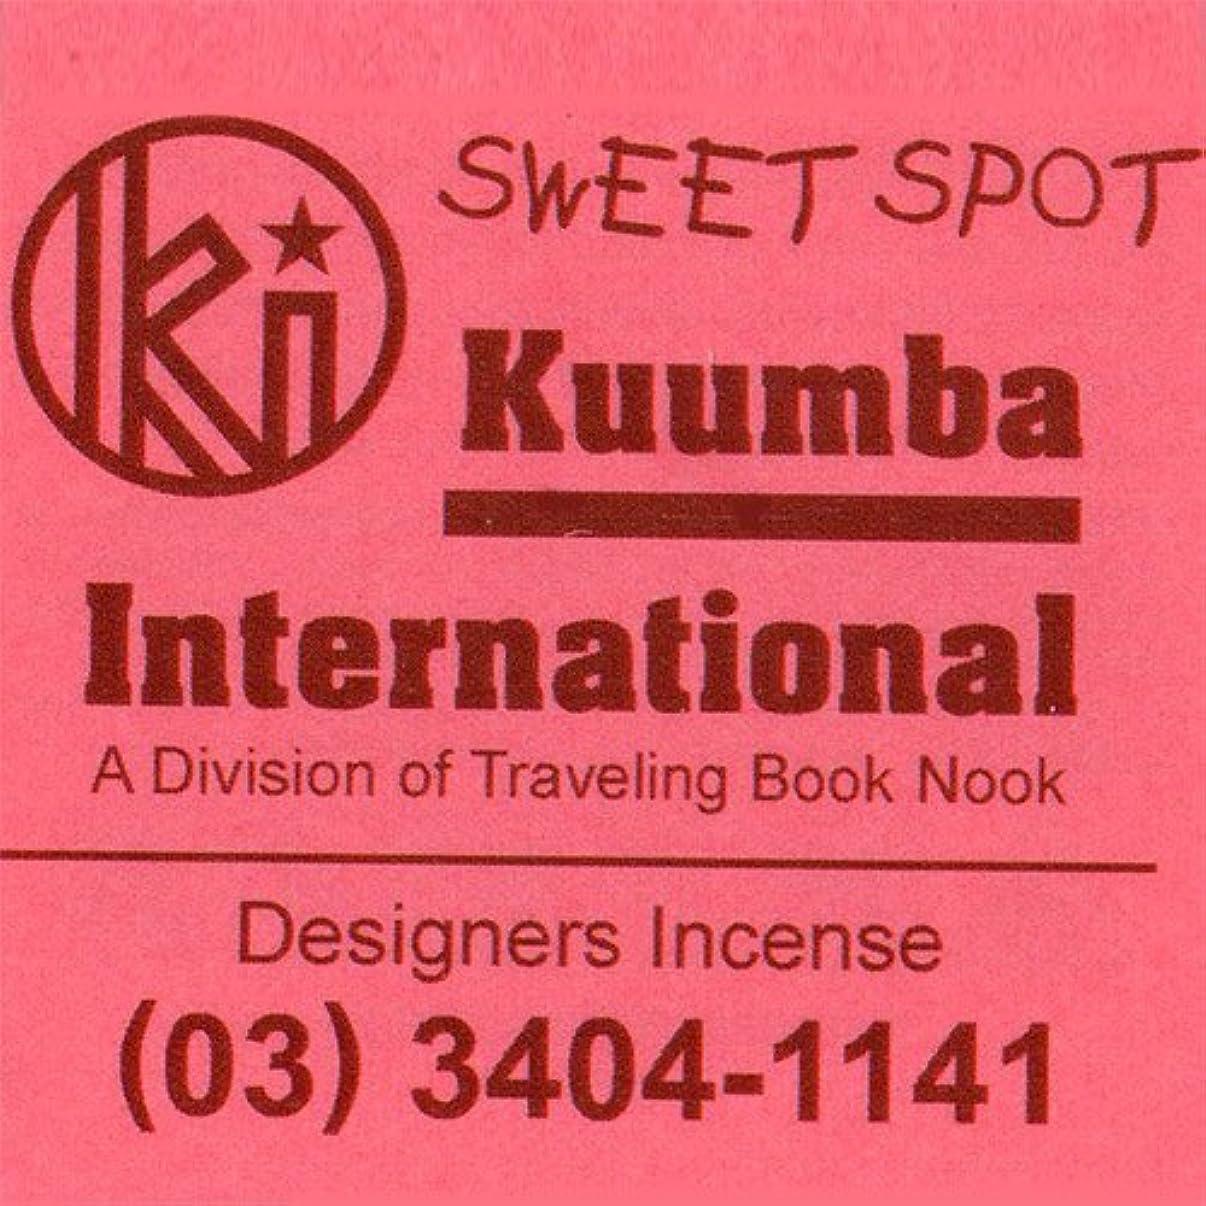 発生器効率的世界KUUMBA / クンバ『incense』(SWEET SPOT) (Regular size)